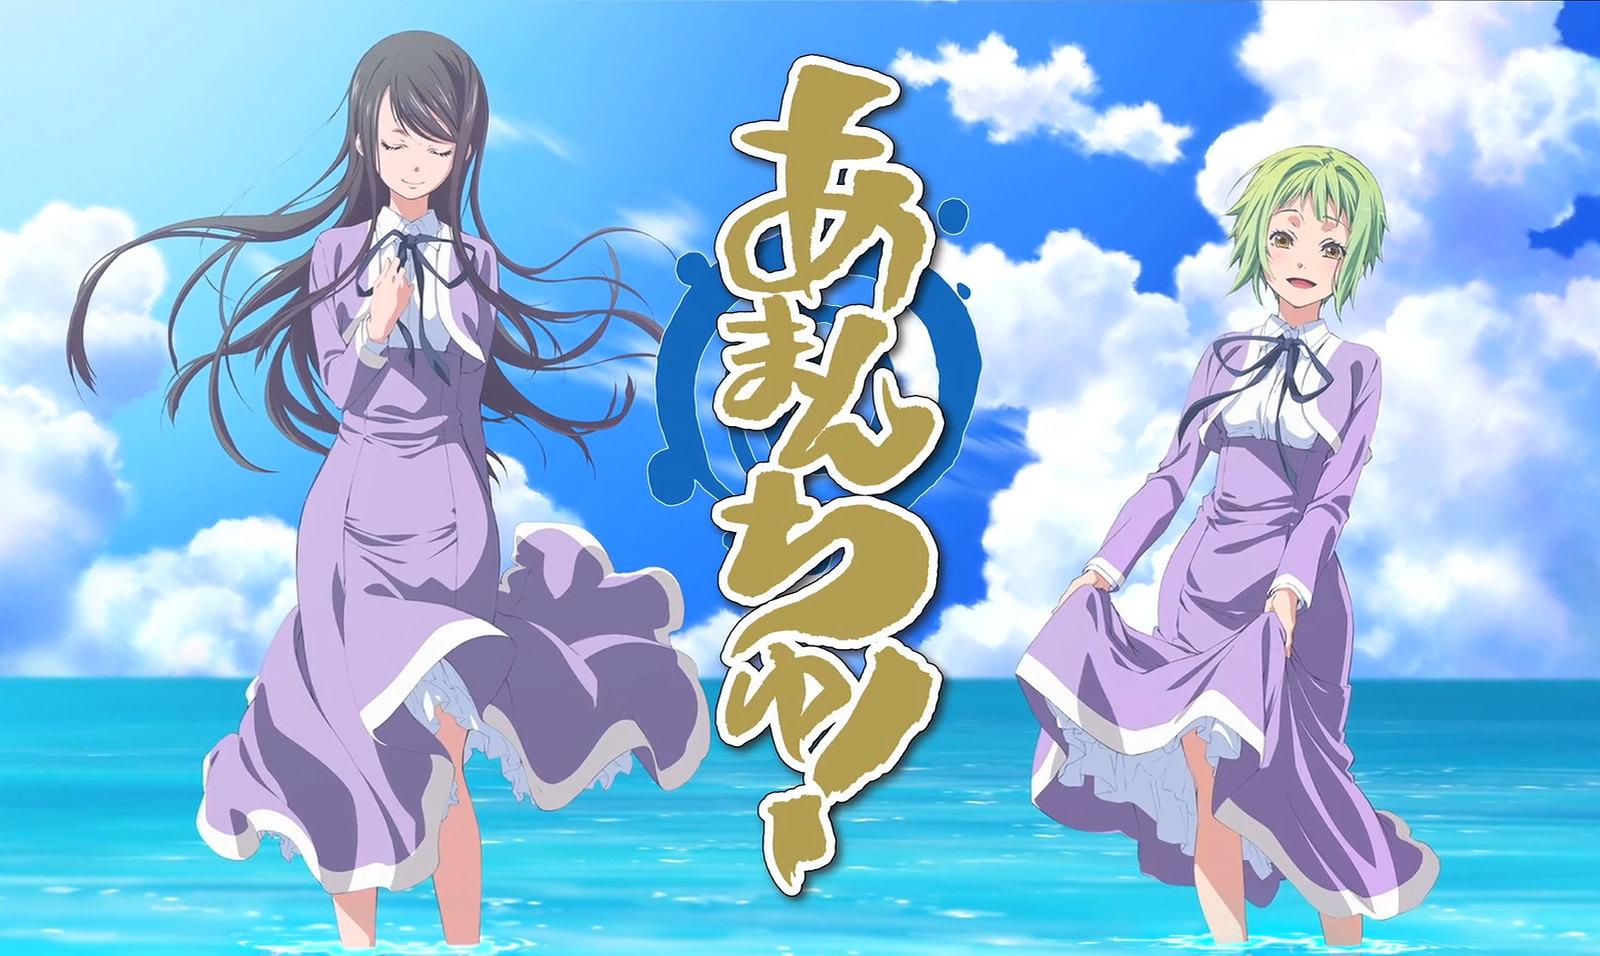 151005(4) -「佐藤順一×カサヰケンイチ」雙監督改編「天野こずえ」漫畫《藍海少女!》為2016年夏天動畫!